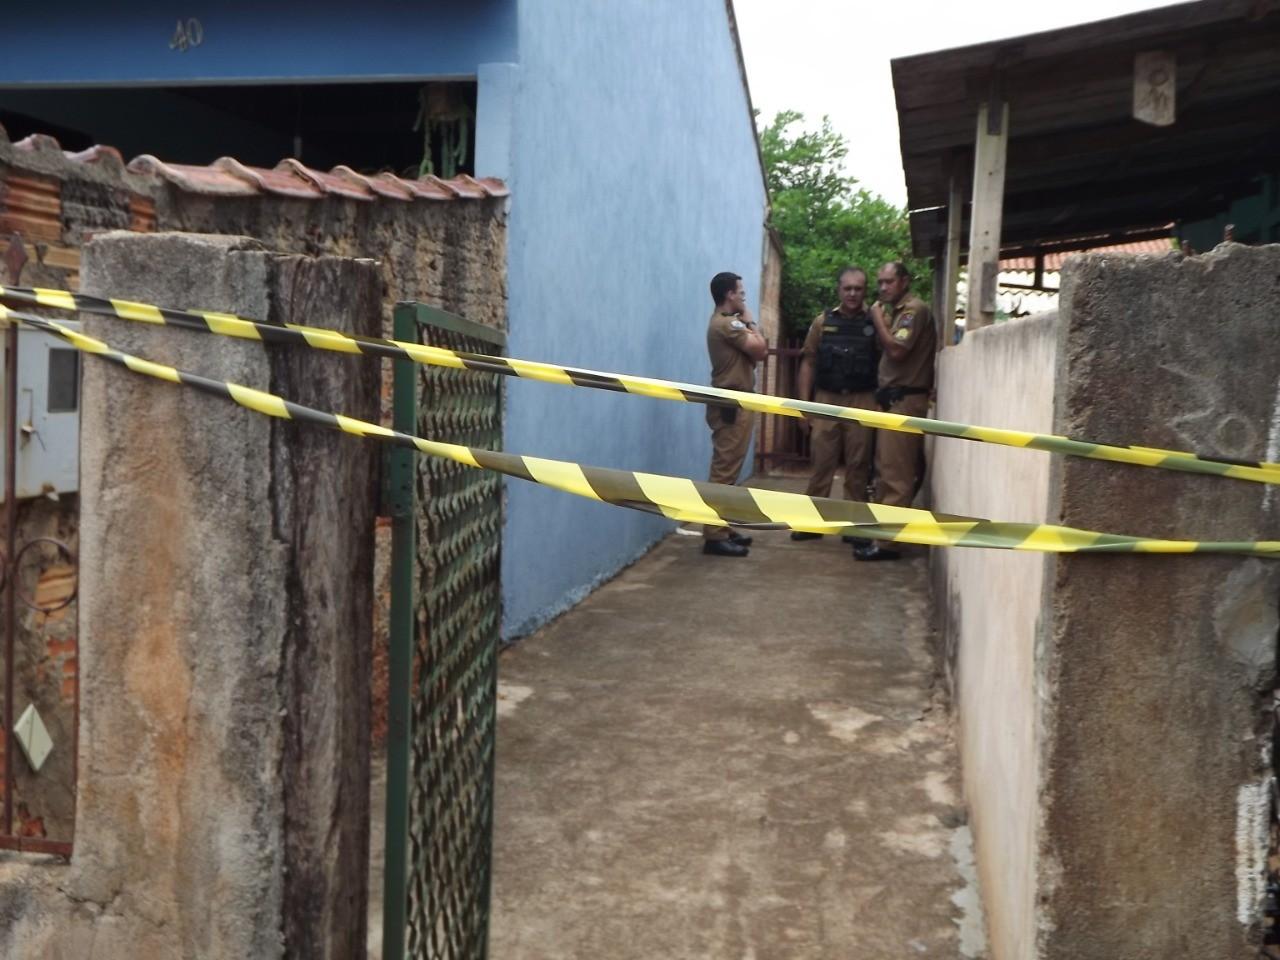 Acusado de matar duas irmãs em São Sebastião da Amoreira é condenado a mais de 49 anos de prisão